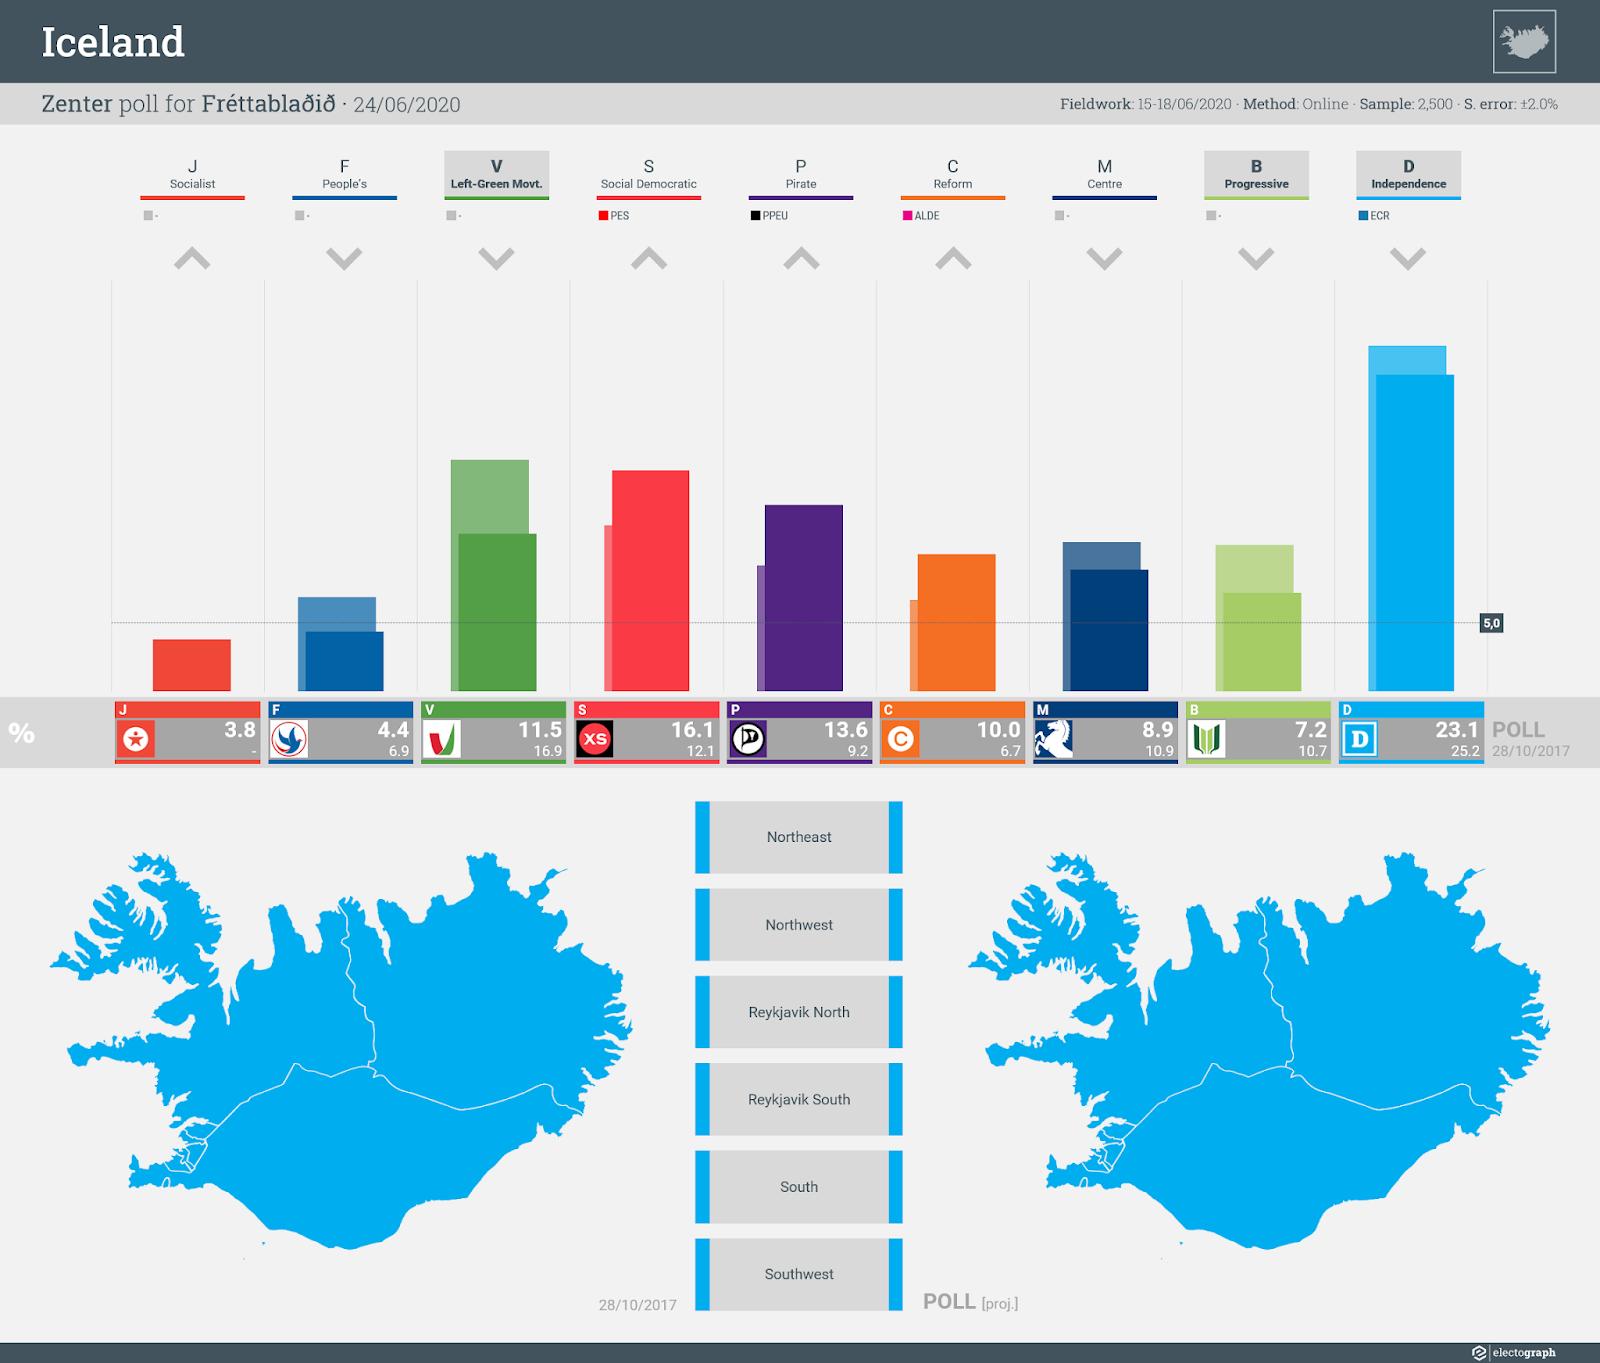 ICELAND: Zenter poll chart for Fréttablaðið, 24 June 2020